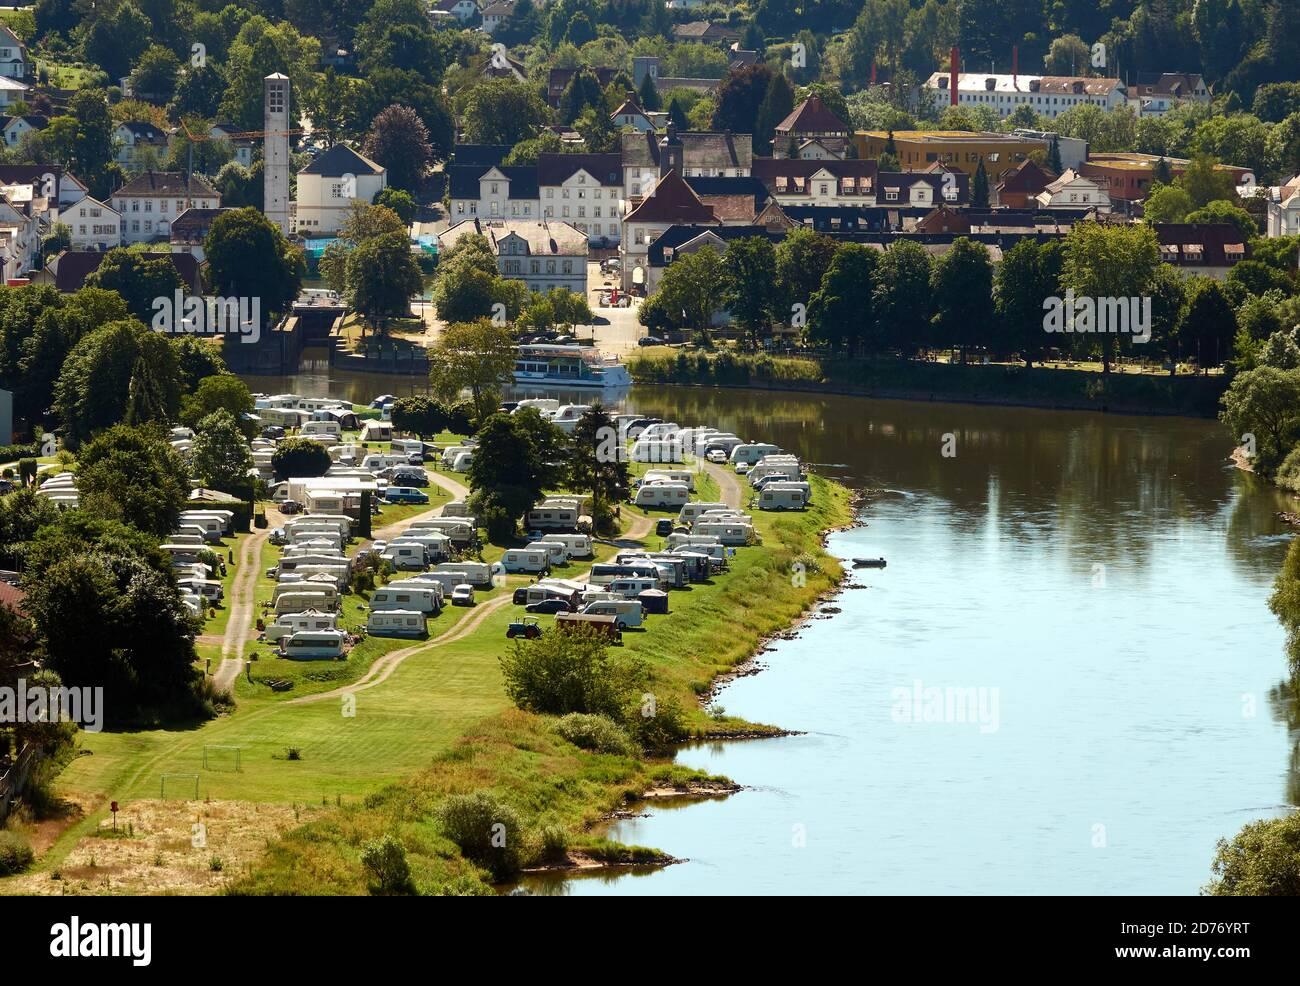 Vue aérienne d'un terrain de camping avec beaucoup de caravanes dans une boucle du Weser dans le Weserbergland près de Beverungen, Allemagne Banque D'Images